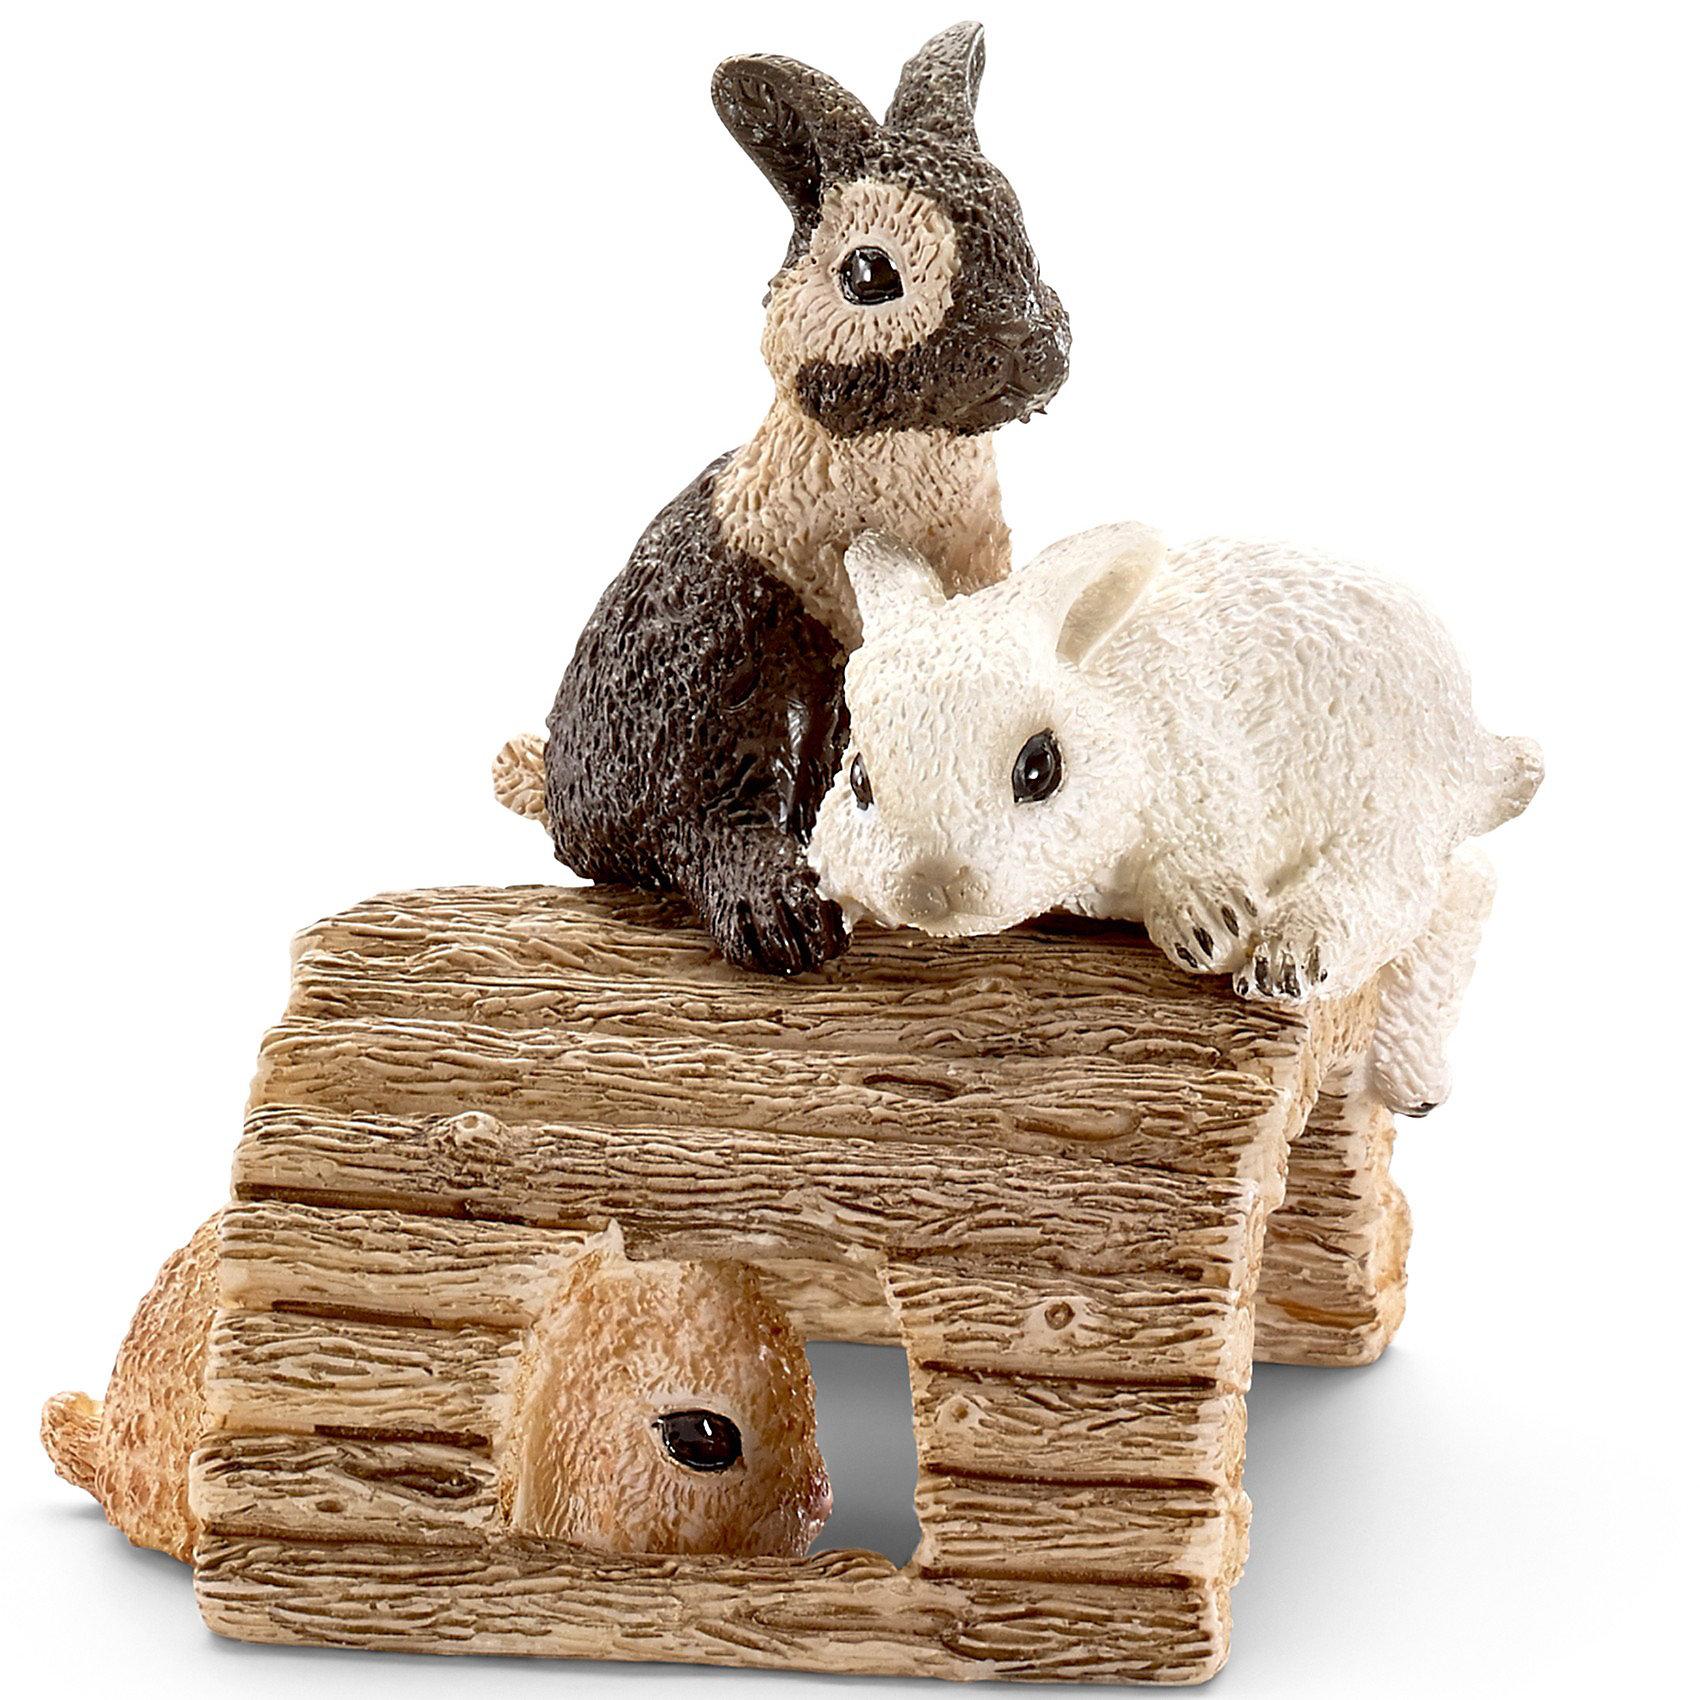 Играющие кролики, SchleichМир животных<br>Играющие кролики, Schleich (Шляйх) - коллекционная и игровая фигурка от немецкого производителя Schleich (Шляйх).<br>Очаровательные маленькие разноцветные кролики, сидящие на деревянной дощечке, непременно понравятся вашему ребенку и станут прекрасным пополнением коллекции его фигурок домашних животных. Кролики являются очень популярным видом домашних животных и составляют более 50 разновидностей. Эти травоядные маленькие зверьки нуждаются в постоянном потреблении большого количества пресной воды. Из-за способности выдерживать низкие температуры, кролики могут жить в холодном климате на открытом воздухе. Все фигурки Schleich (Шляйх) сделаны из гипоаллергенных высокотехнологичных материалов, раскрашены вручную и не вызывают аллергии у ребенка. Прекрасно выполненные фигурки Schleich (Шляйх) отличаются высочайшим качеством игрушек ручной работы. Все они создаются при постоянном сотрудничестве с Берлинским зоопарком, а потому, являются максимально точной копией настоящих животных. Каждая фигурка разработана с учетом исследований в области педагогики и производится как настоящее произведение для маленьких детских ручек.<br><br>Дополнительная информация:<br><br>-Размер фигурки: 2,5 x 6,1 x 3 см.<br>-Вес фигурки: 9 грамм<br>-Материал: каучуковый пластик<br><br>Играющие кролики, Schleich (Шляйх) - подарит вашему ребенку радость и поможет знакомиться с окружающим миром.<br><br>Фигурку Играющие кролики, Schleich (Шляйх) можно купить в нашем интернет-магазине.<br><br>Ширина мм: 66<br>Глубина мм: 71<br>Высота мм: 48<br>Вес г: 16<br>Возраст от месяцев: 36<br>Возраст до месяцев: 96<br>Пол: Унисекс<br>Возраст: Детский<br>SKU: 3443118